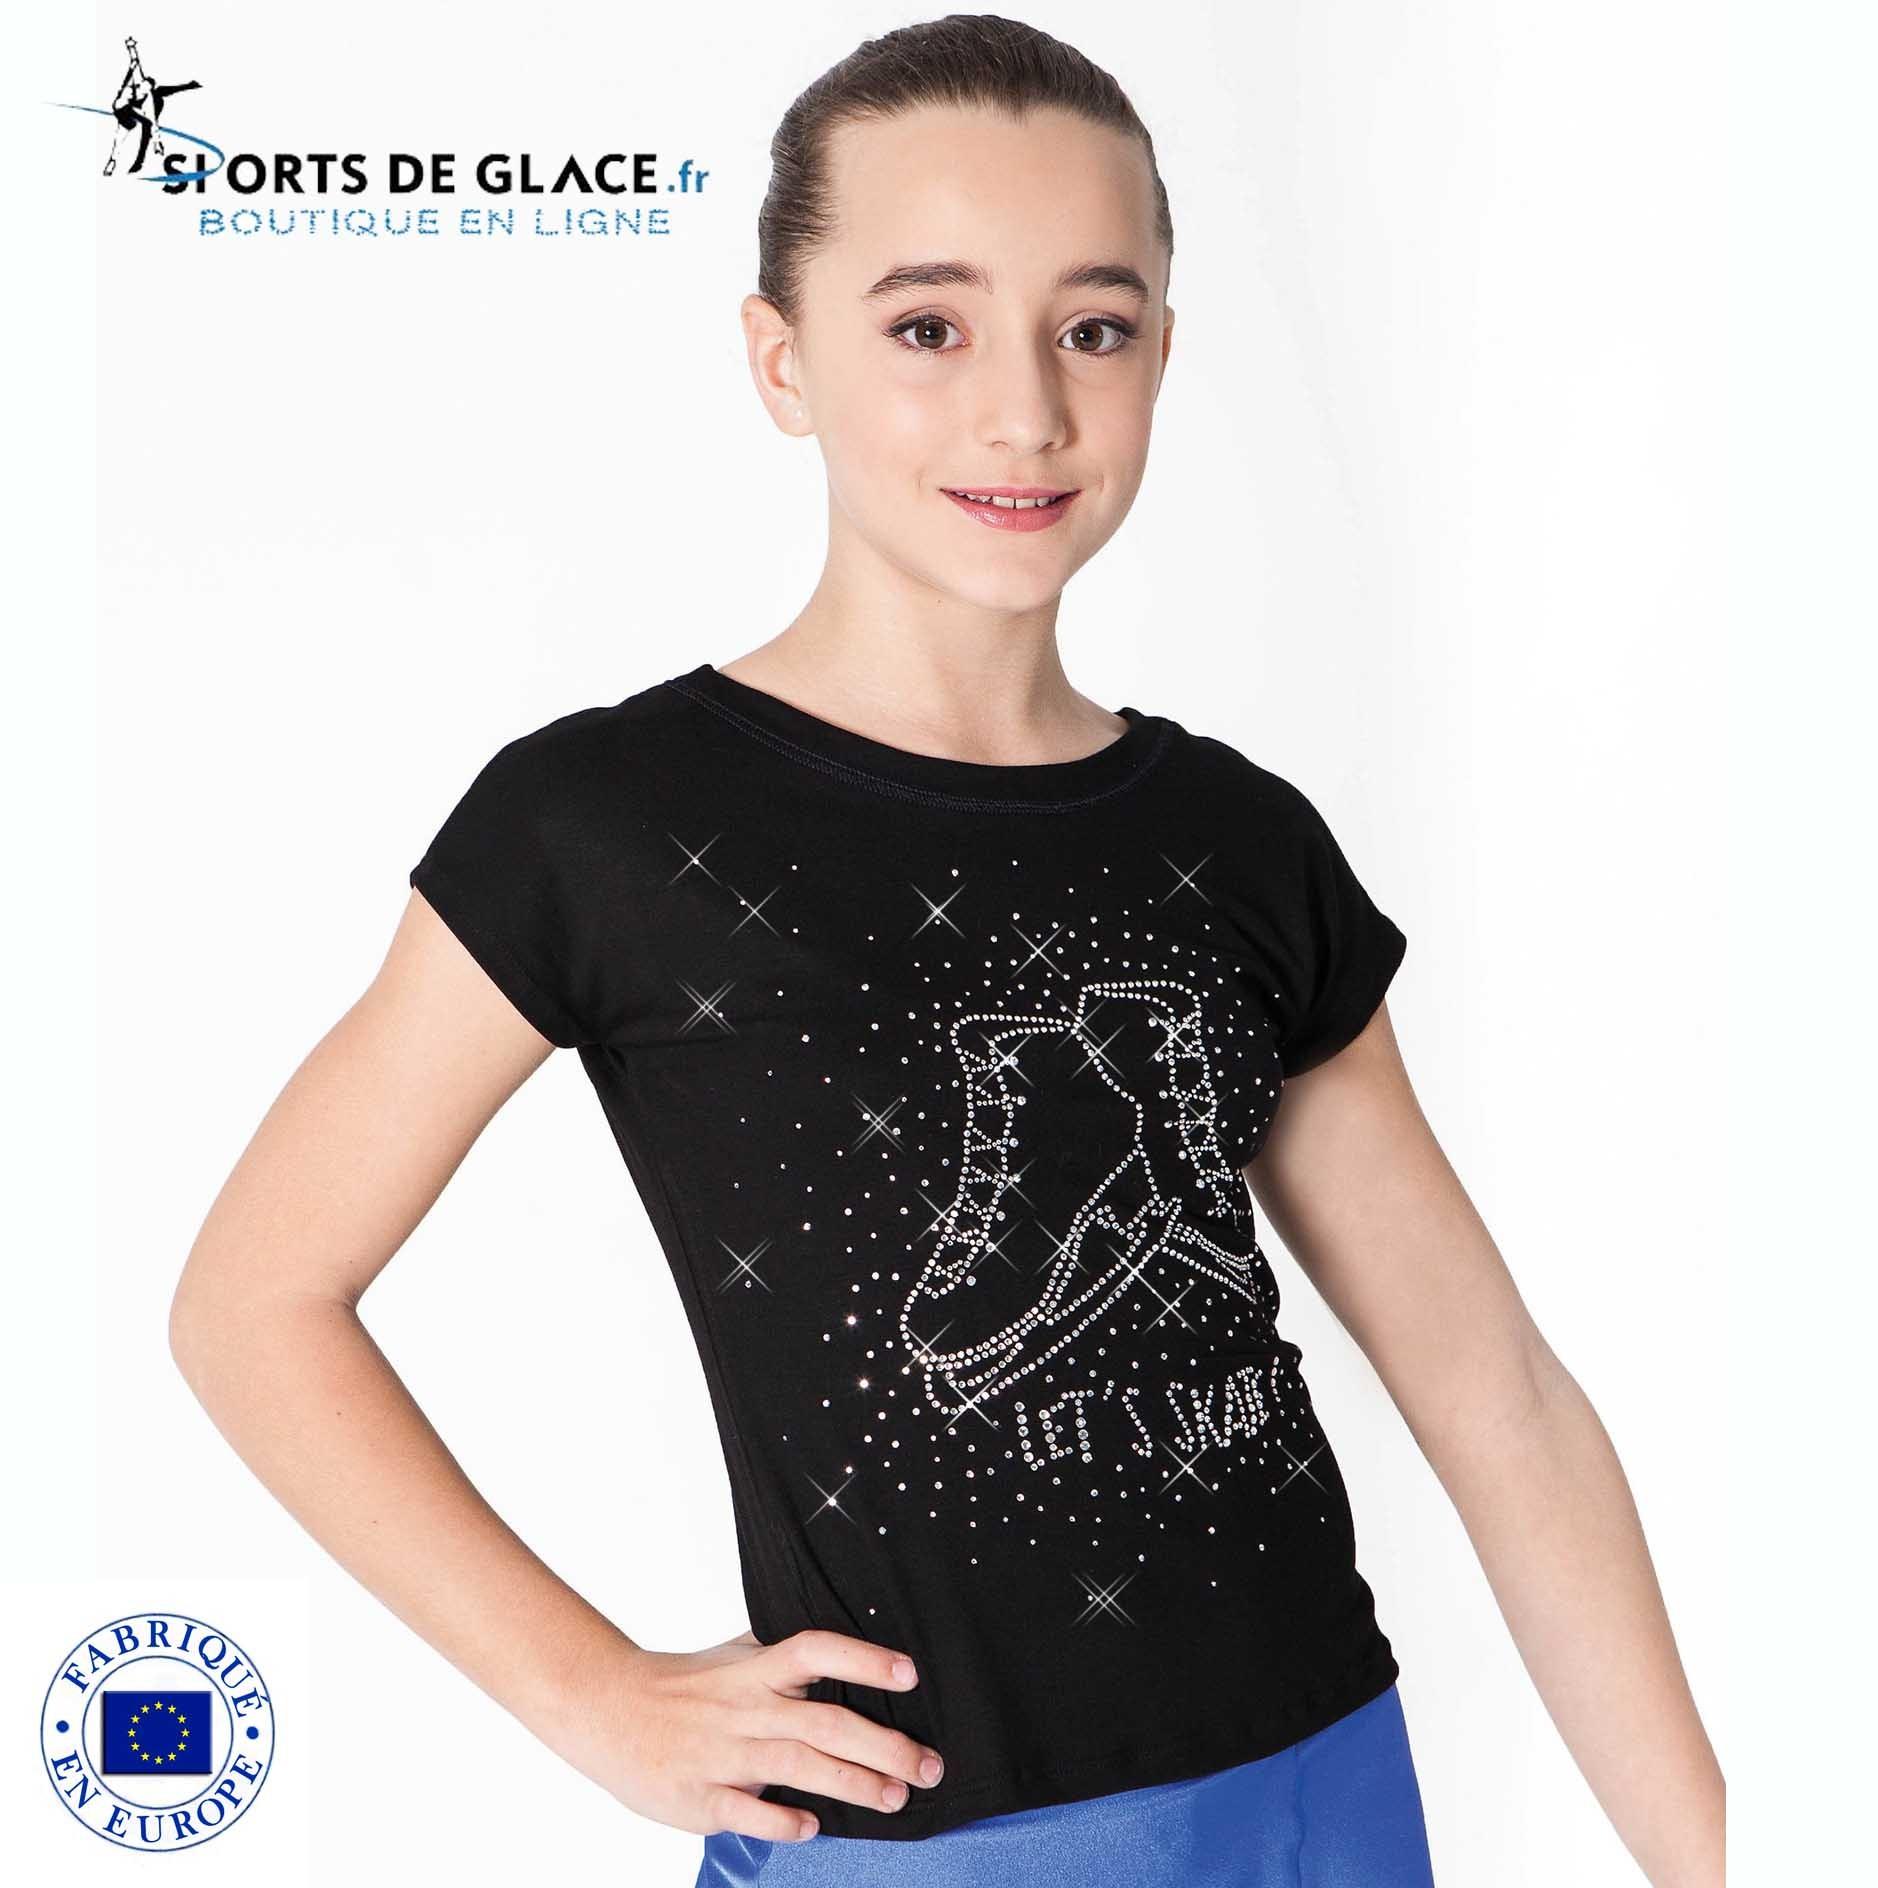 3ec9e794d8e8d T shirt patins strass - SPORTS DE GLACE France